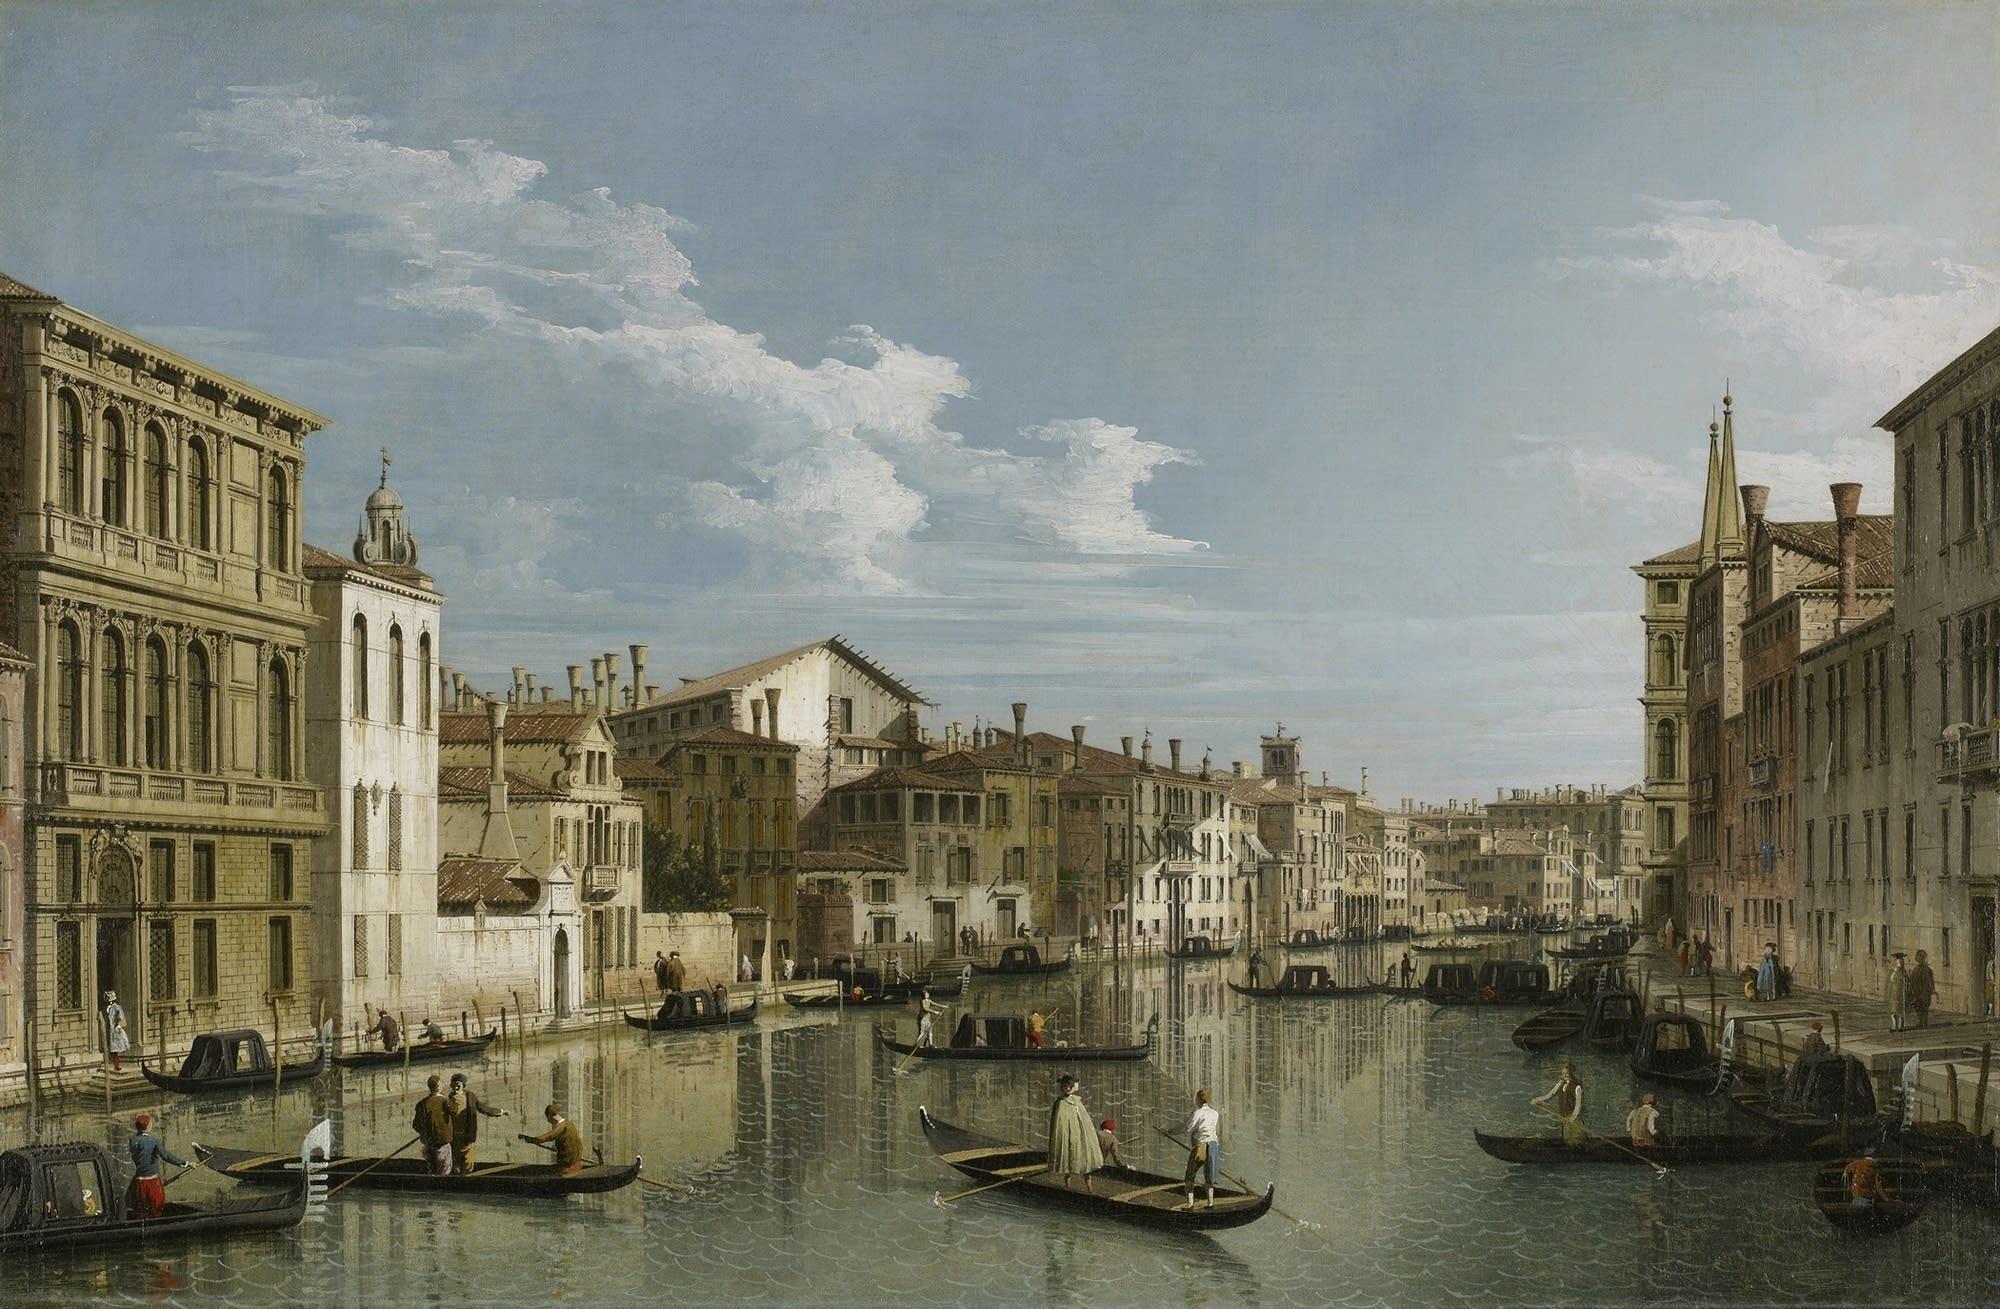 Giovanni Antonio Canaletto, The Grand Canal in Venice